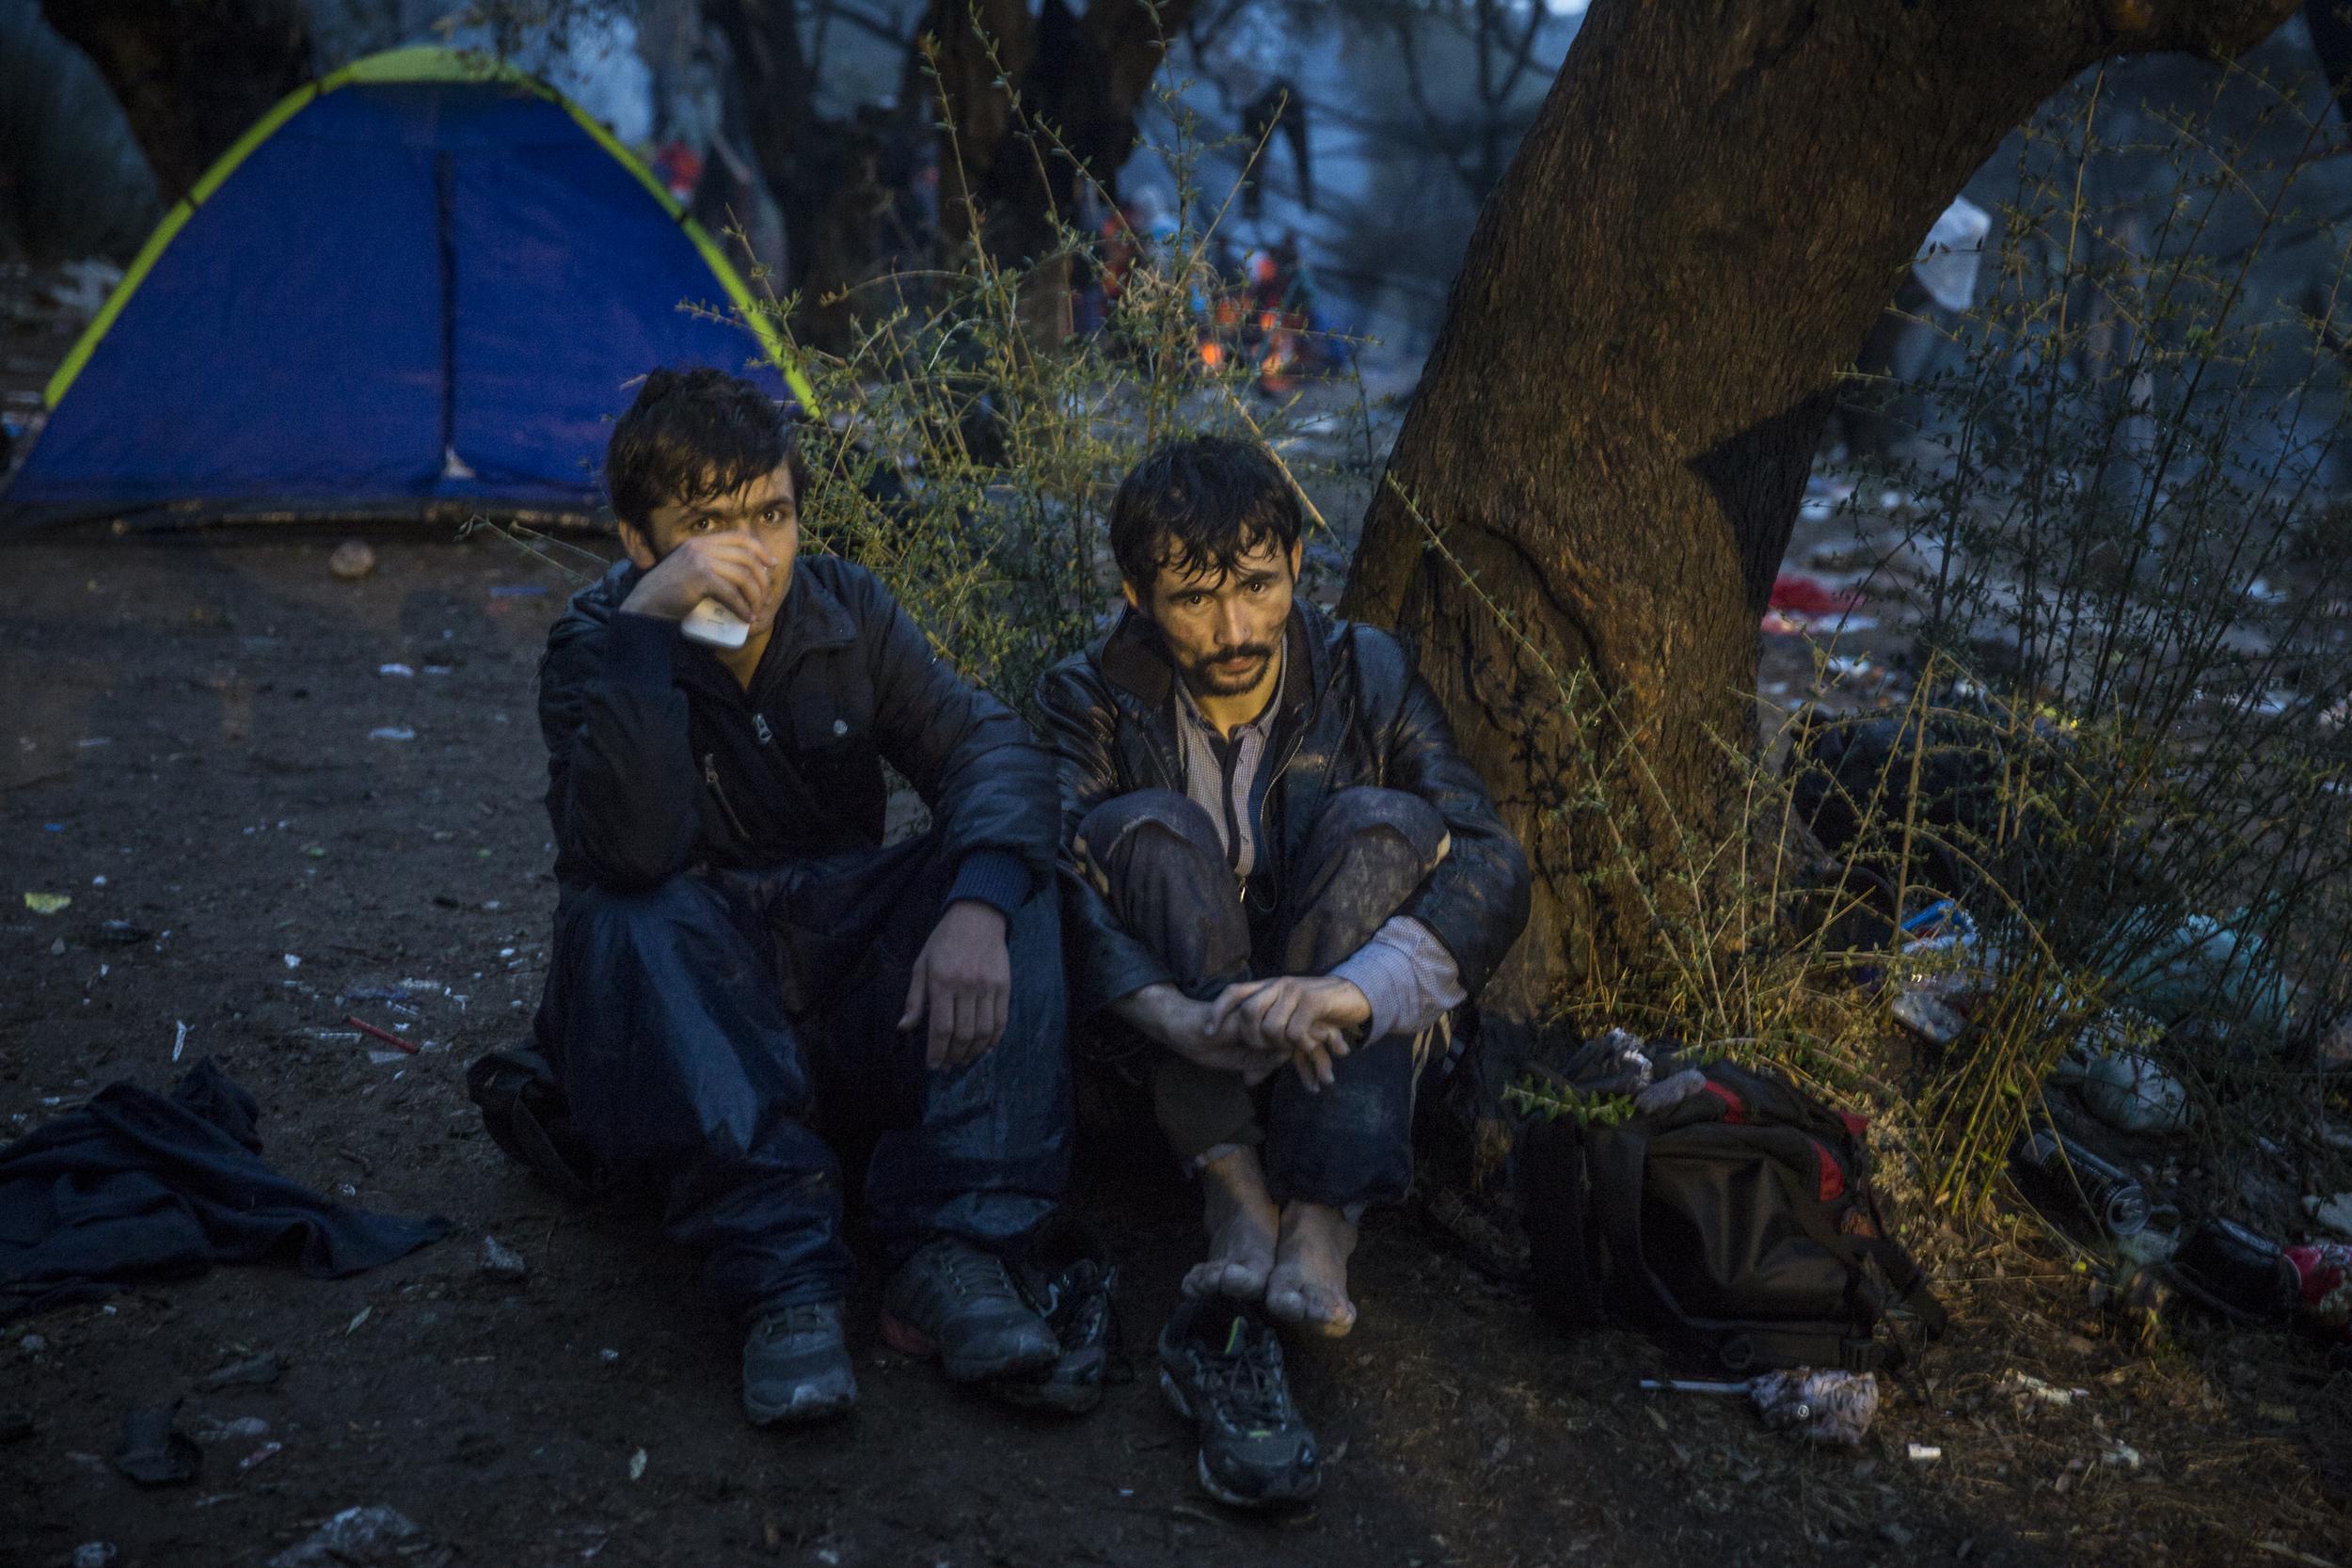 Deux réfugiés afghans campent sous la pluie, à l'extérieur de Moria